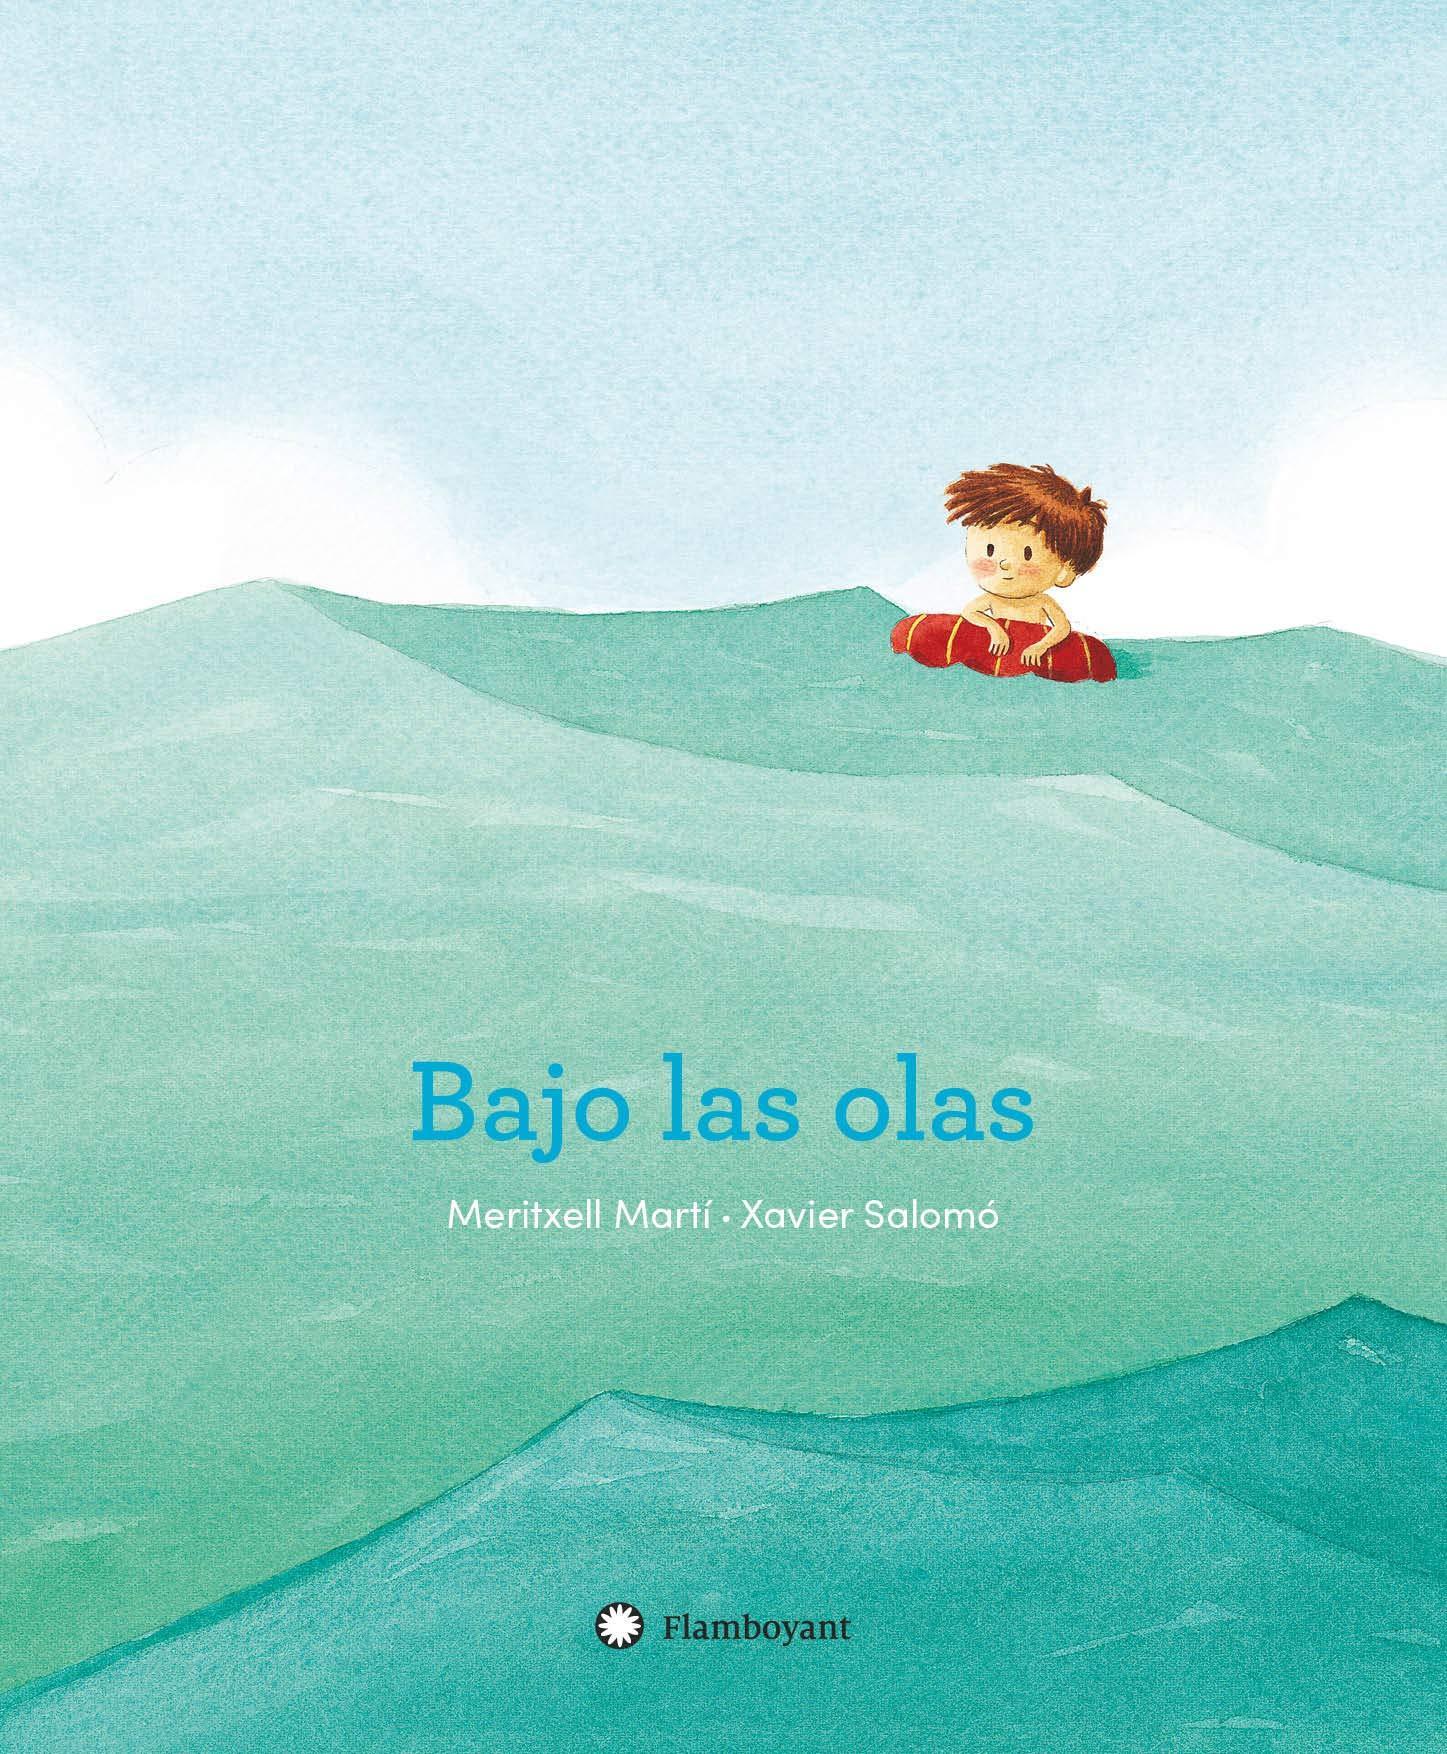 Recomendaciones cuentos infantiles Sant Jordi - Meritxell Marti - Sota les onades